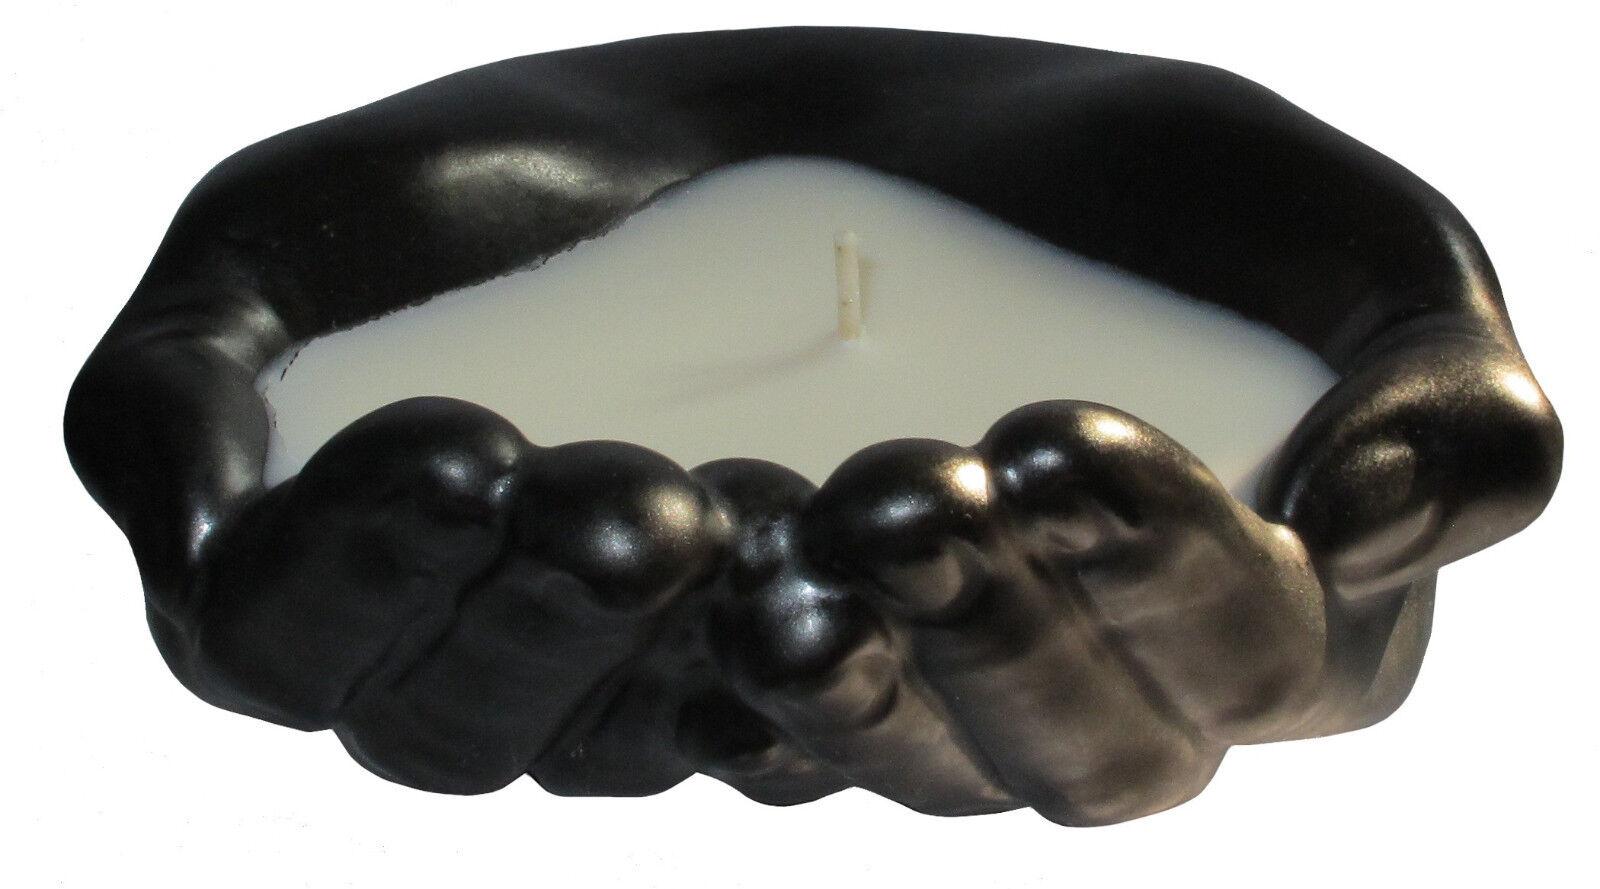 MUNIO CANDELA Kerze  Keramik Schale Schale Schale IHRE HÄNDE Sojawachs Duftkerze  Handarbeit | Die erste Reihe von umfassenden Spezifikationen für Kunden  65964f